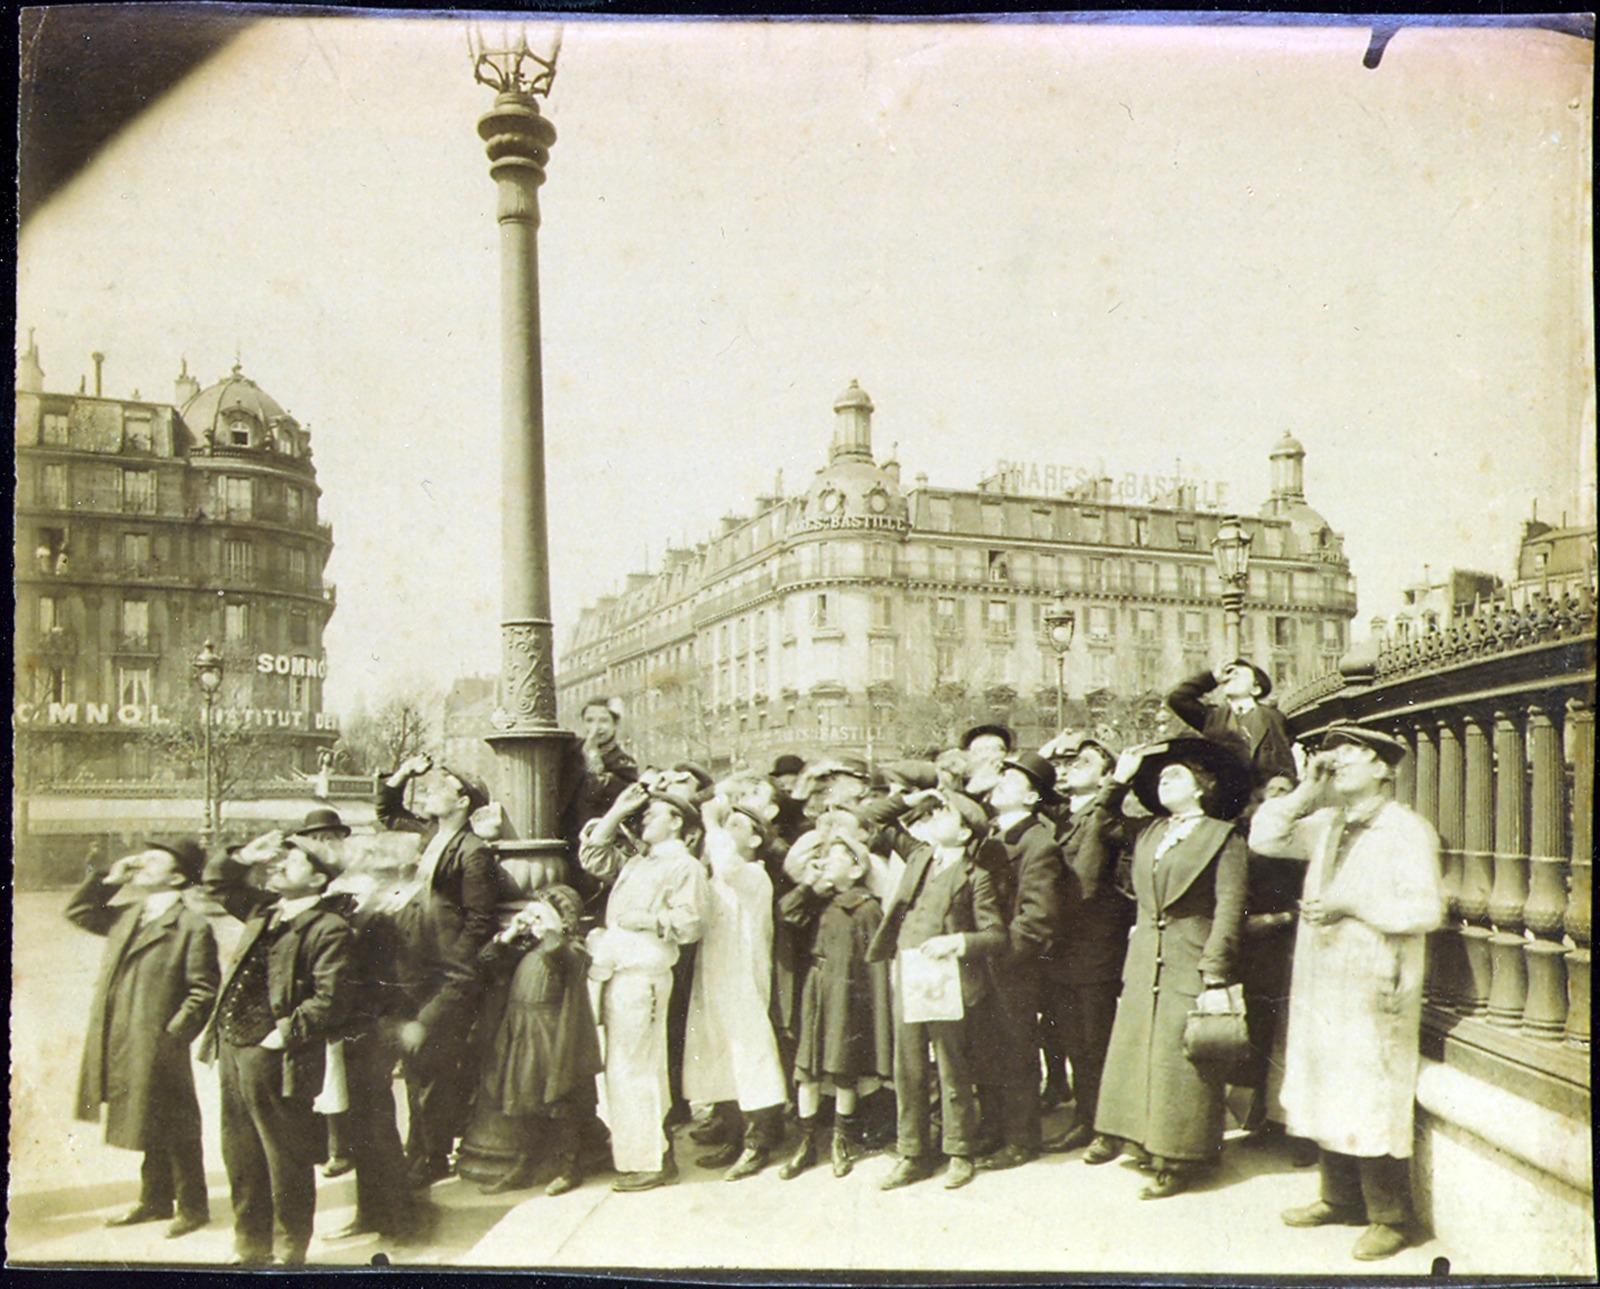 Eugène Atget, Sonnenfinsternis auf der Place de la Bastille, 1912